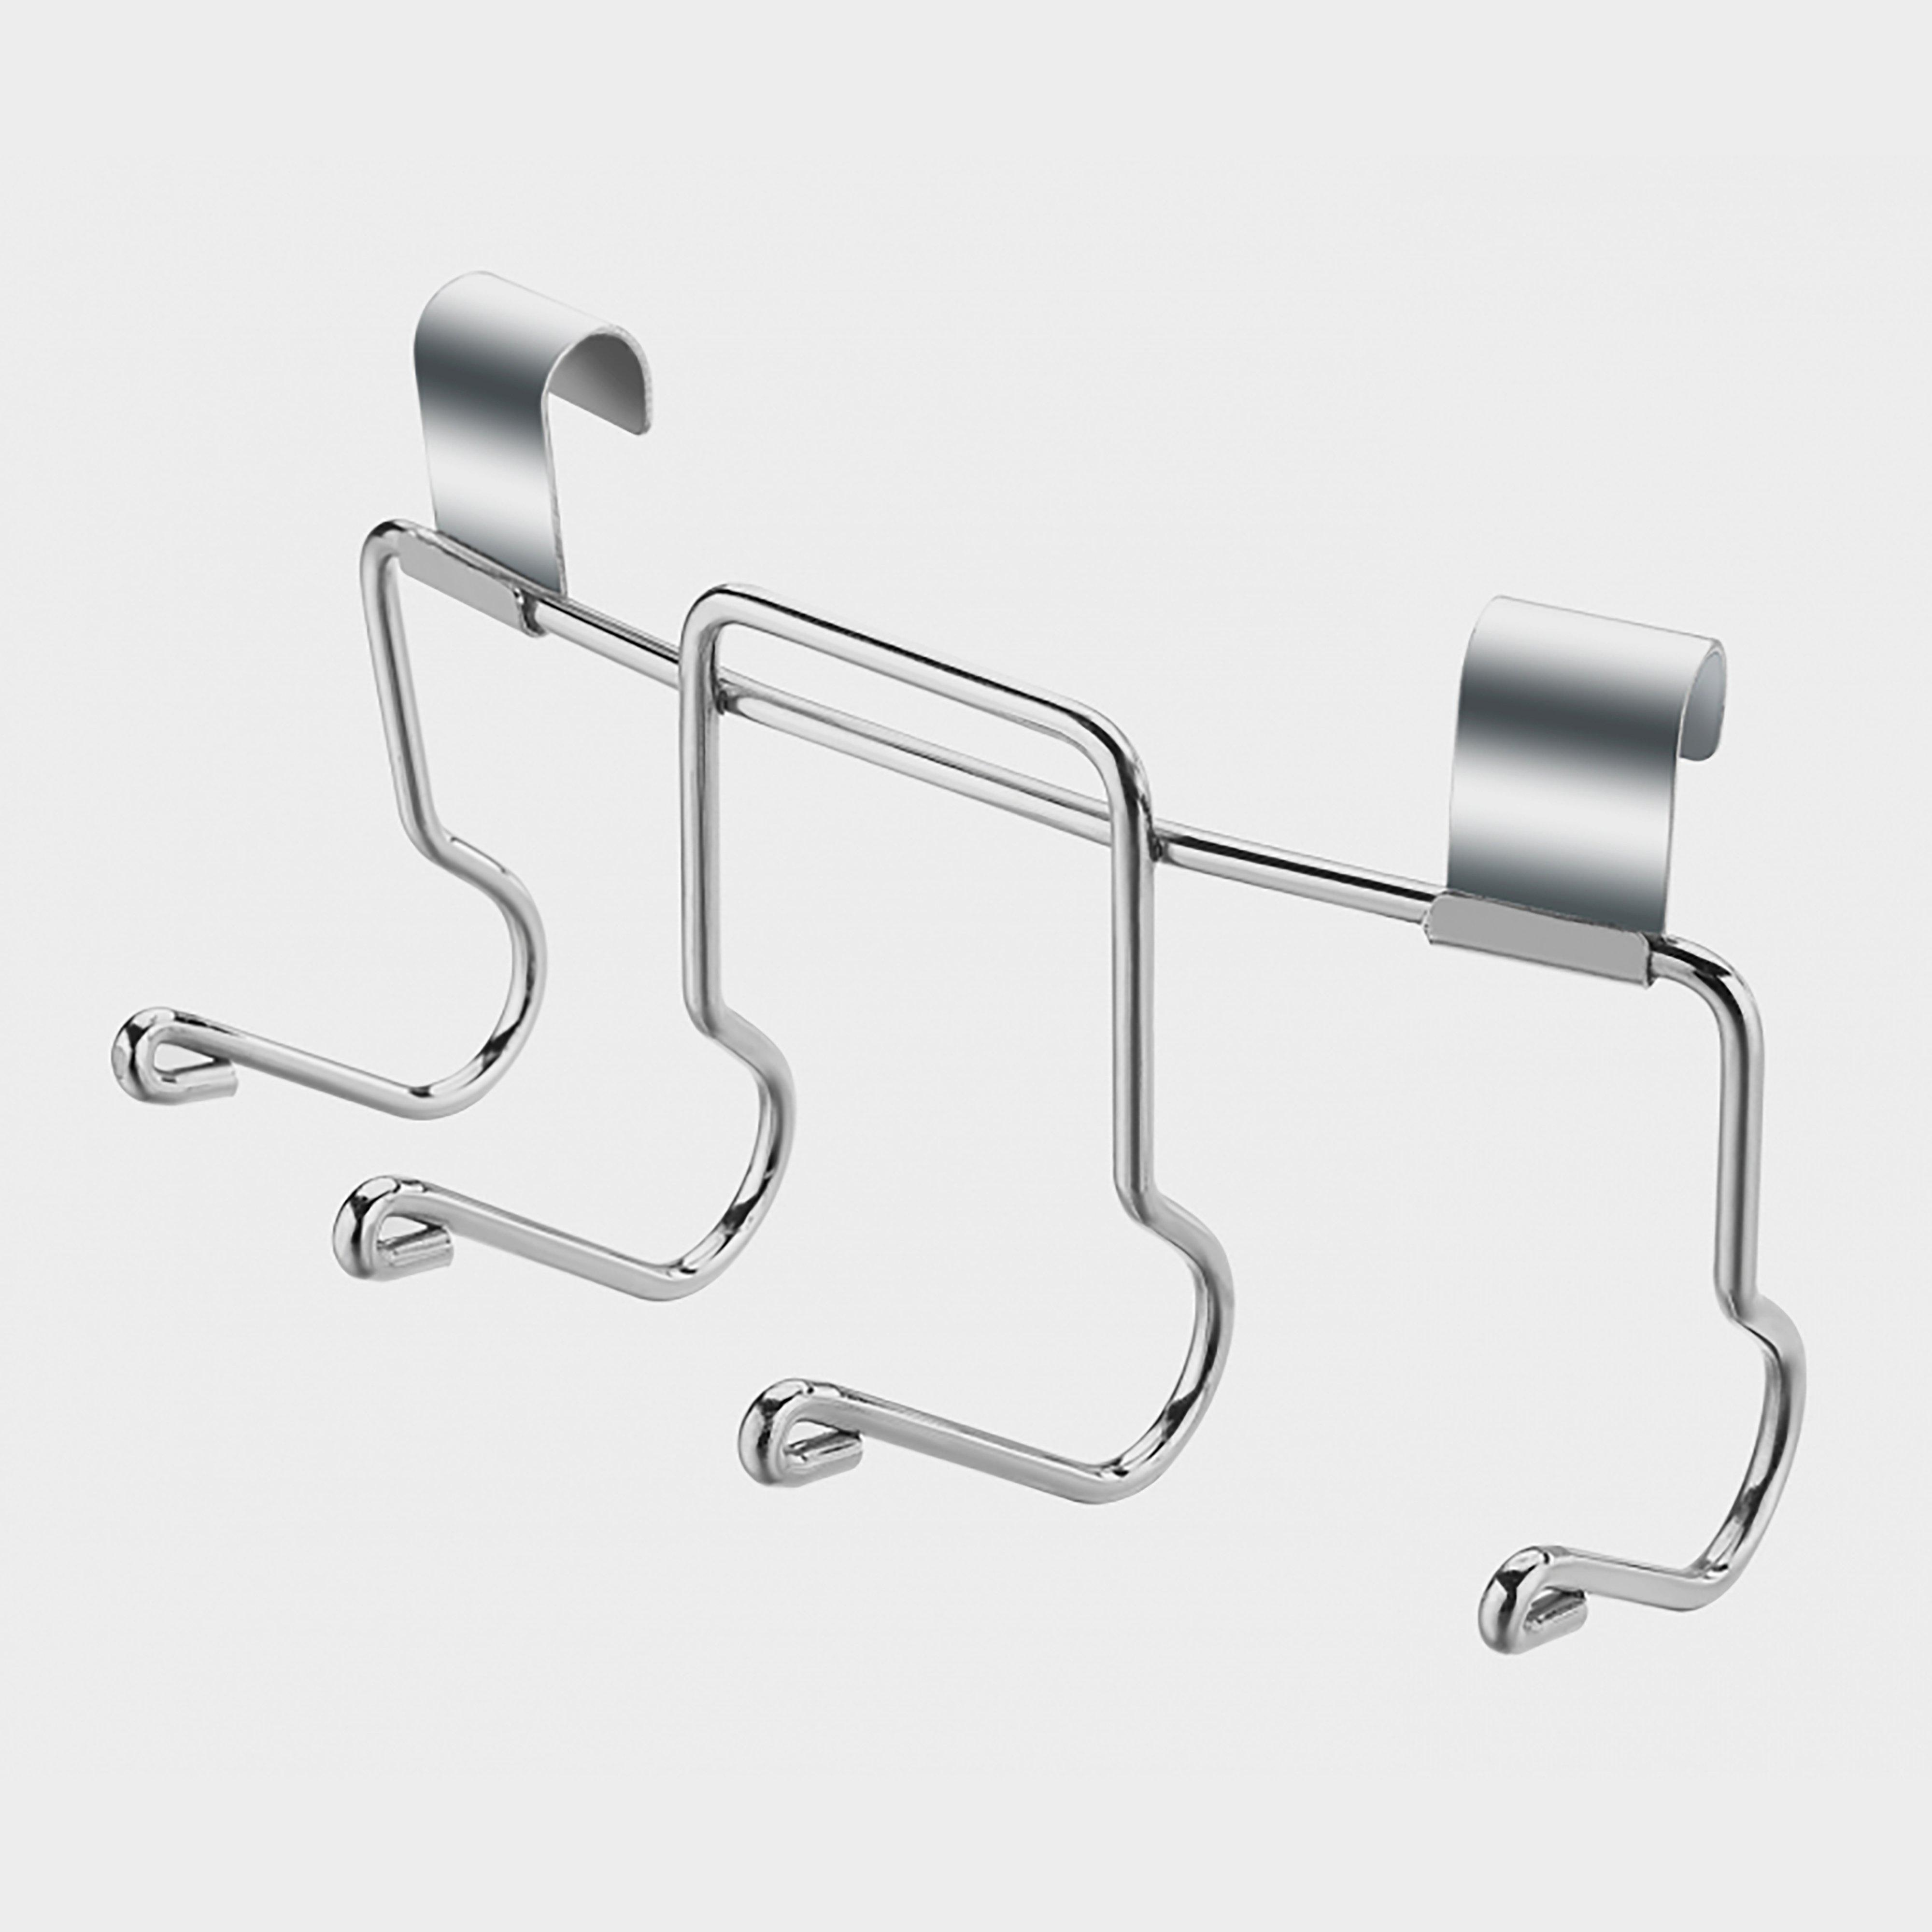 Cadac Universal Tool Holder - Holder/holder  Holder/holder